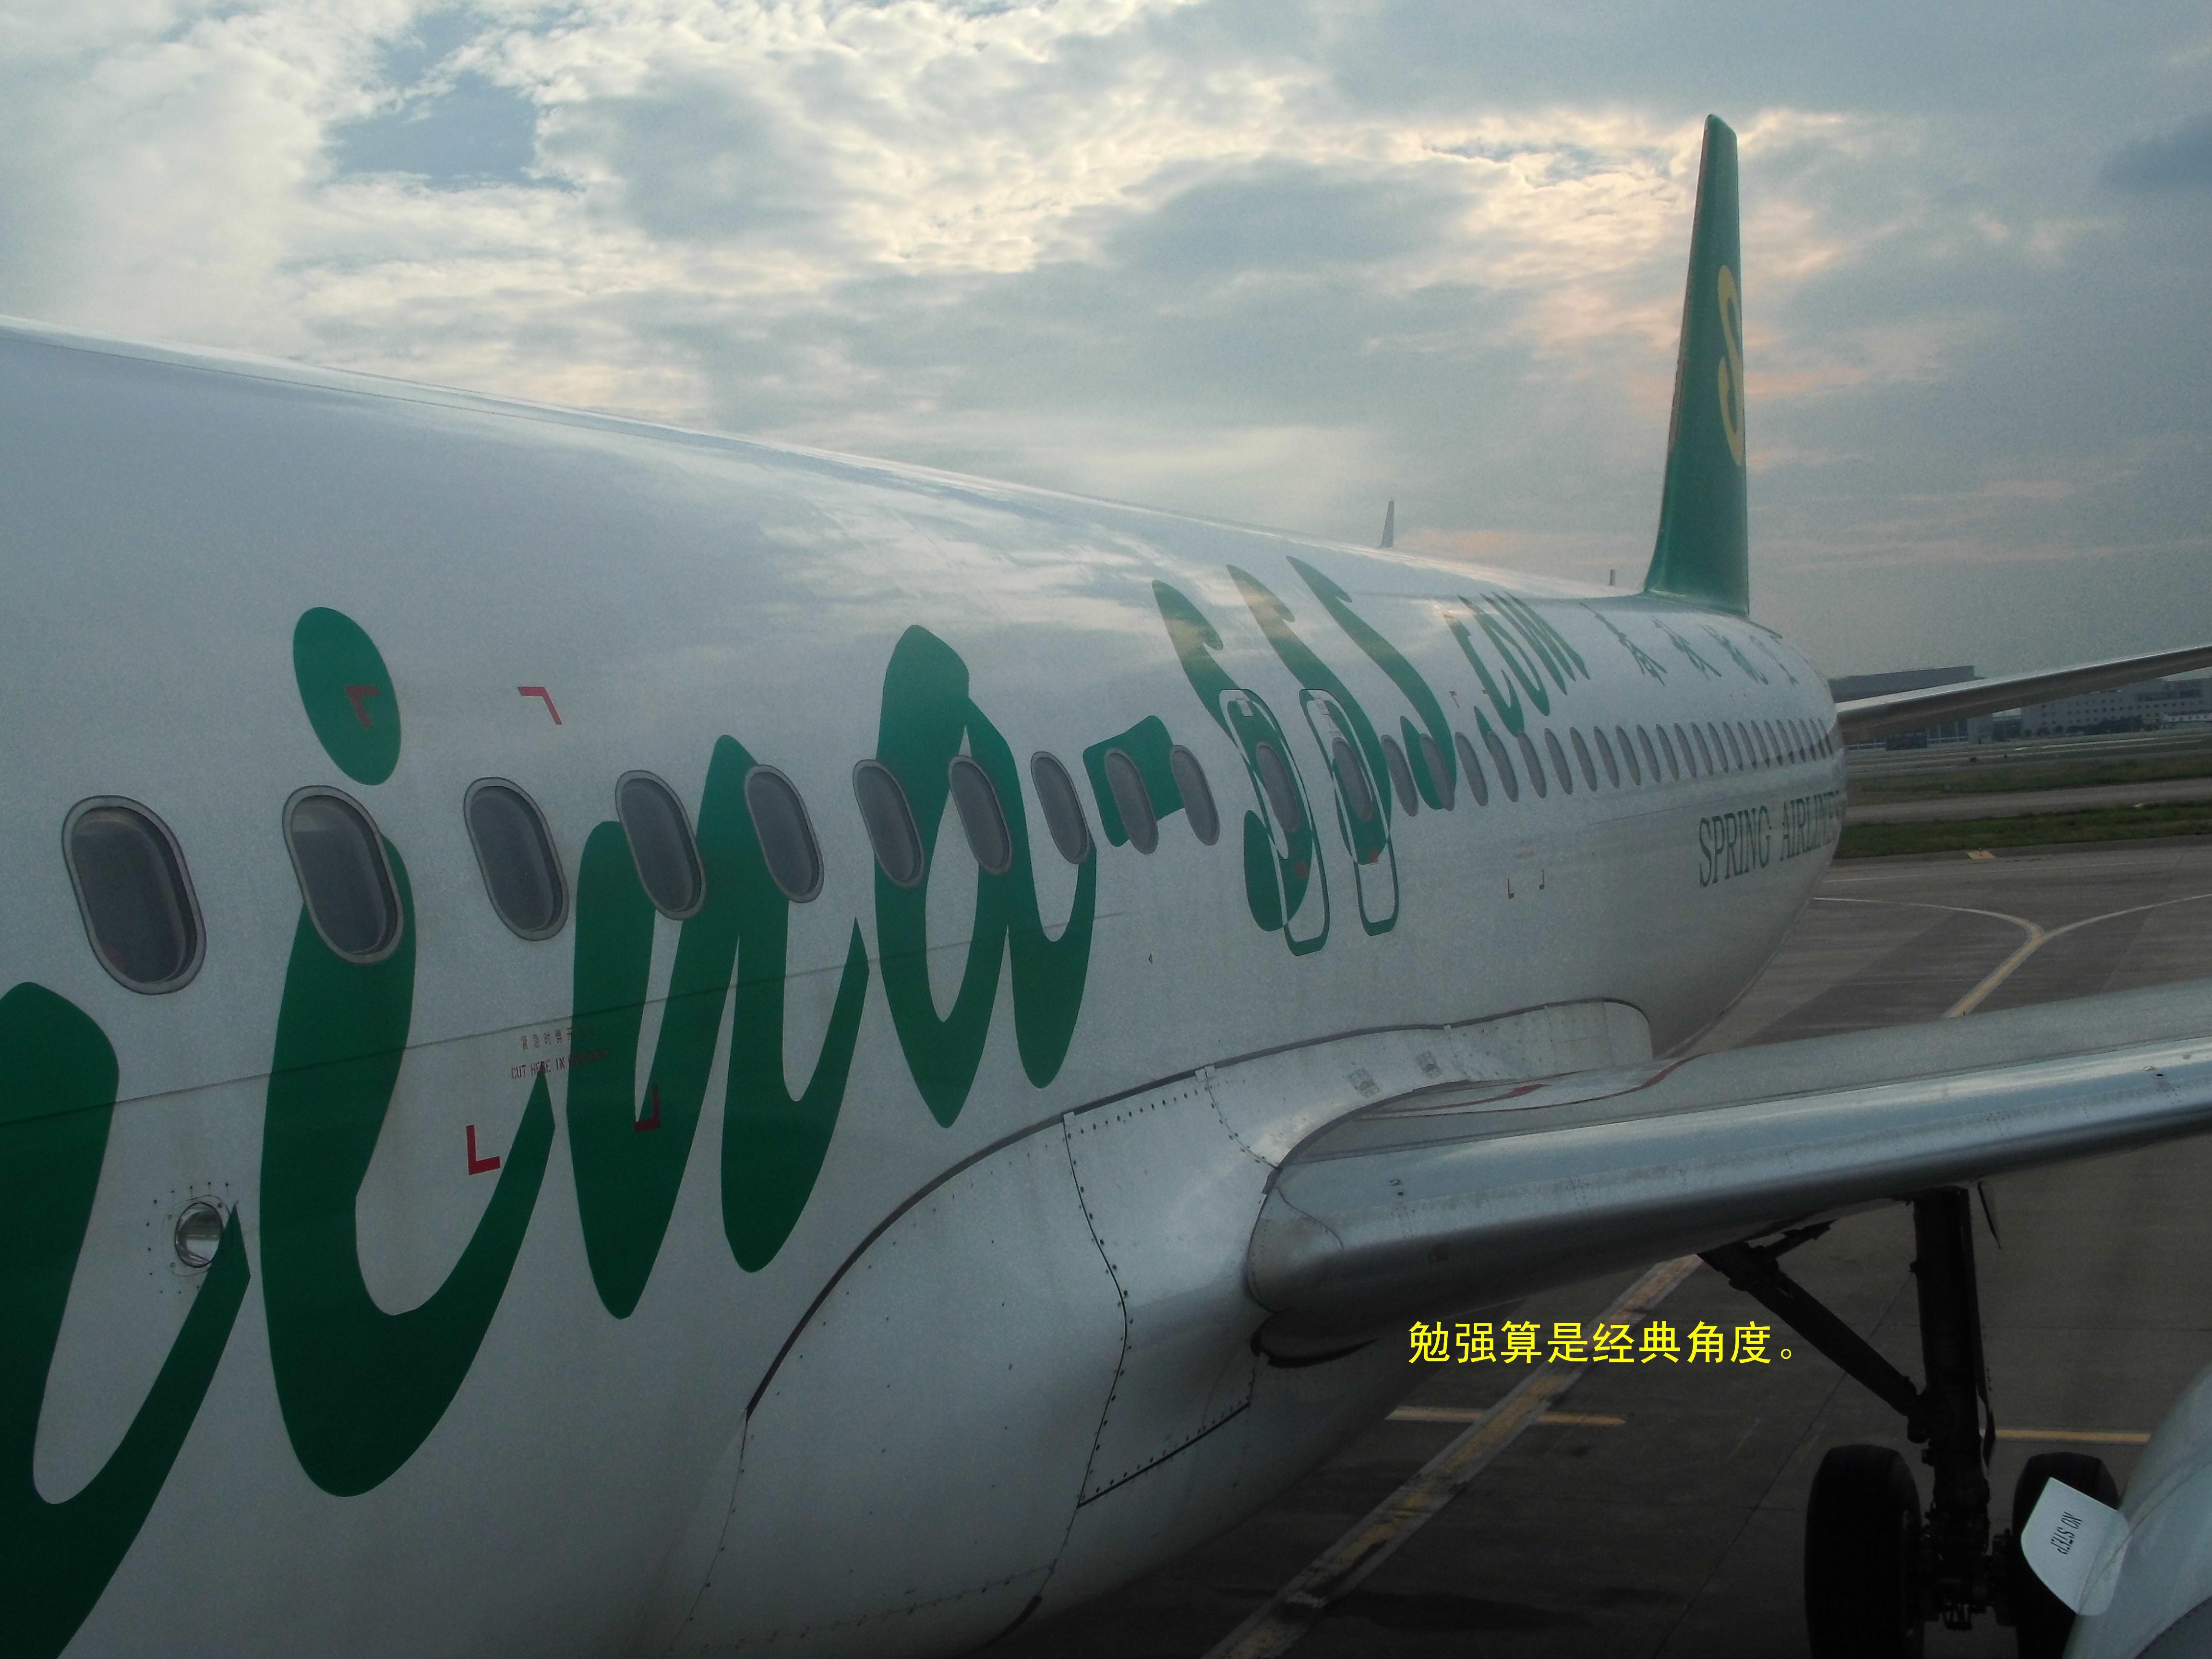 Re:[原创]新手第一帖(送女儿上大学)照片太大不知道怎样缩小,请各位看官自己缩小到25%欣赏 AIRBUS A320 B6310 候机口